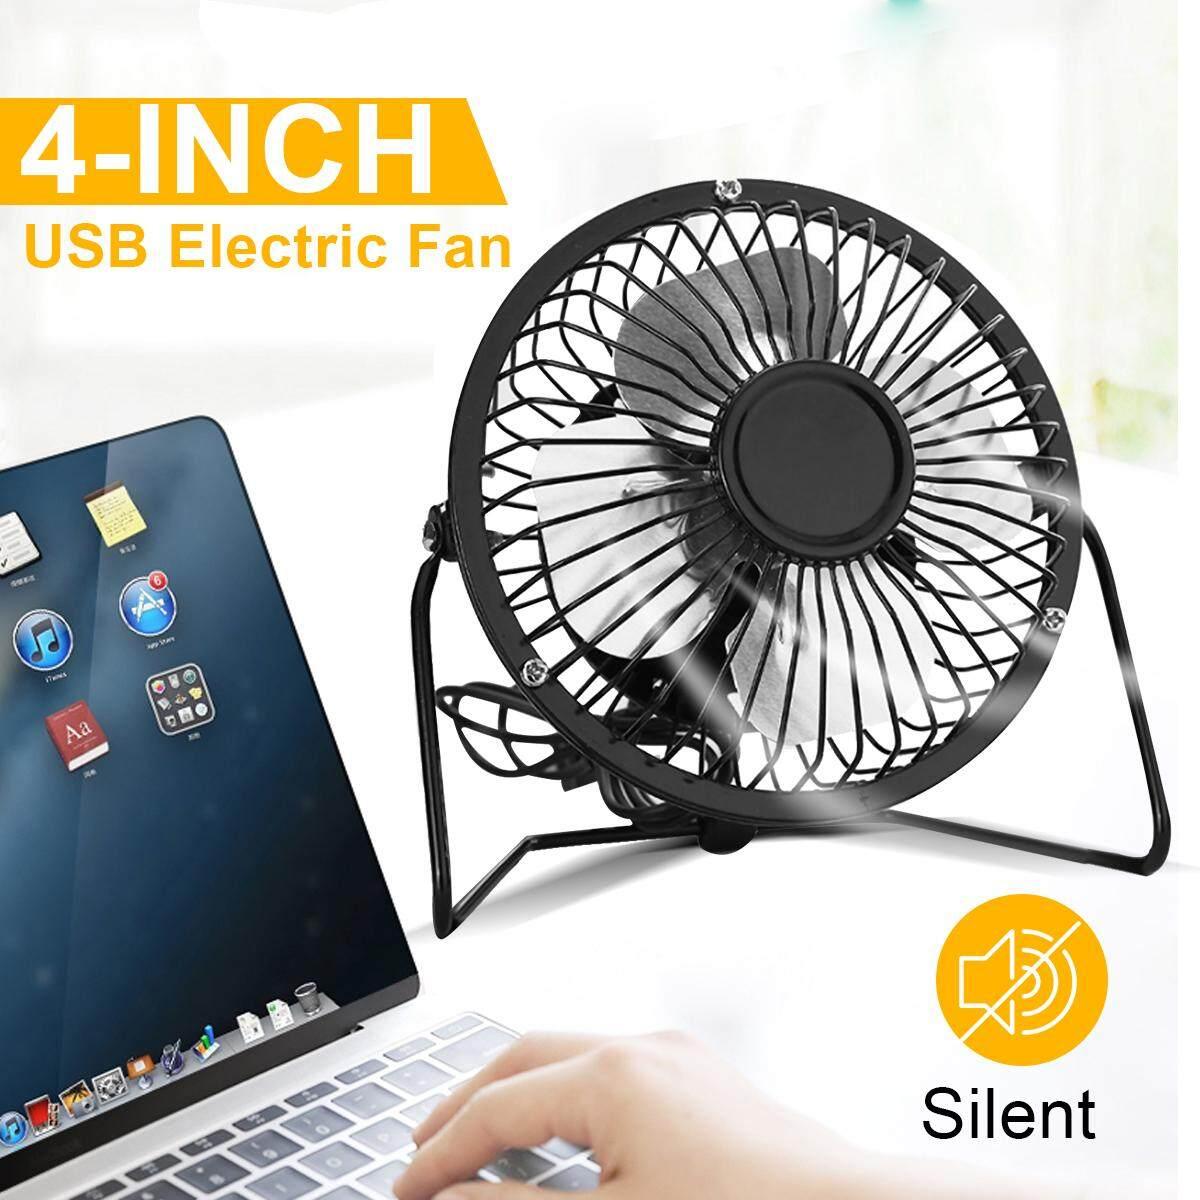 Bảng giá AUGIENB 4  USB Điện Máy Tính Để Bàn Mini Quạt Làm Mát Văn Phòng Nhà Im Lặng Di Động Máy Tính PC Cooler Điện máy Pico